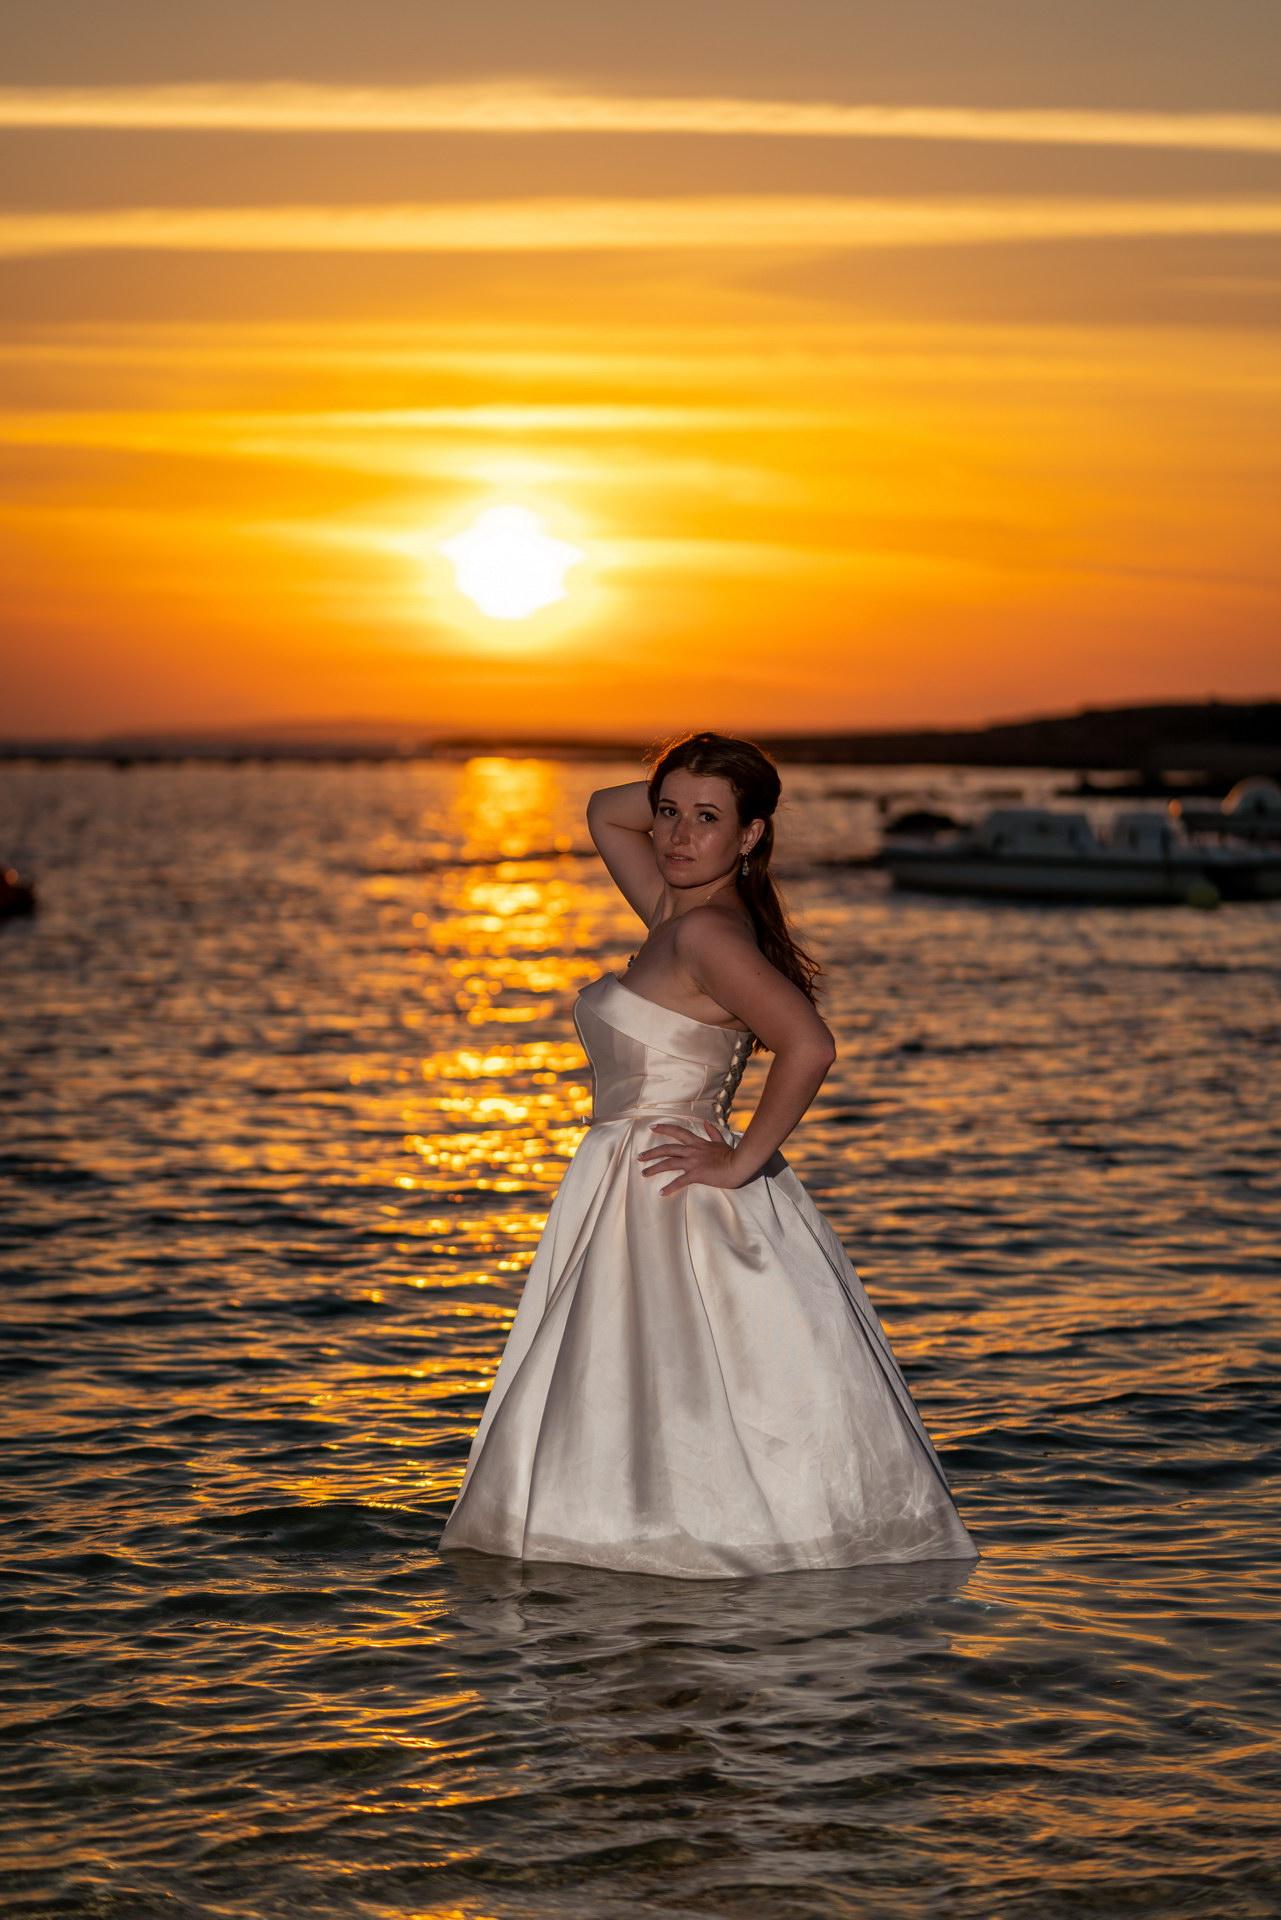 PIC03871_happyimagescyprus.com